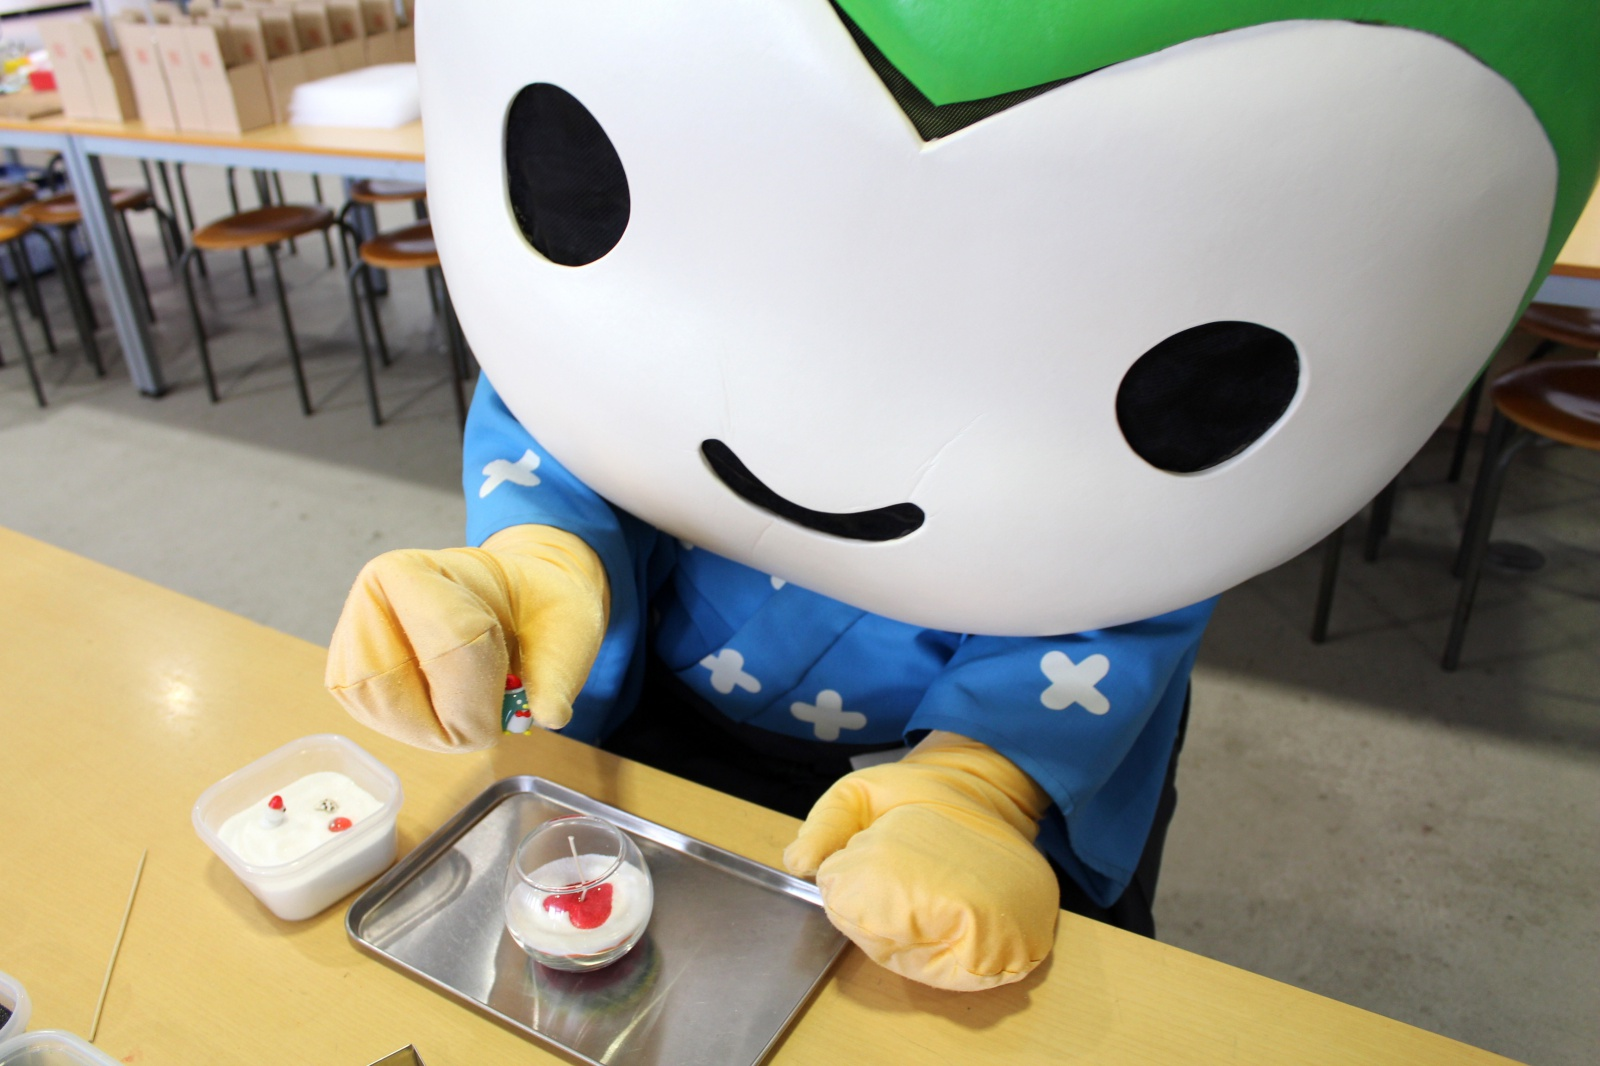 クリスマスのお出かけに必見!山陽小野田市のロマンチックなお出かけスポットを教えてもらったよ☆彡